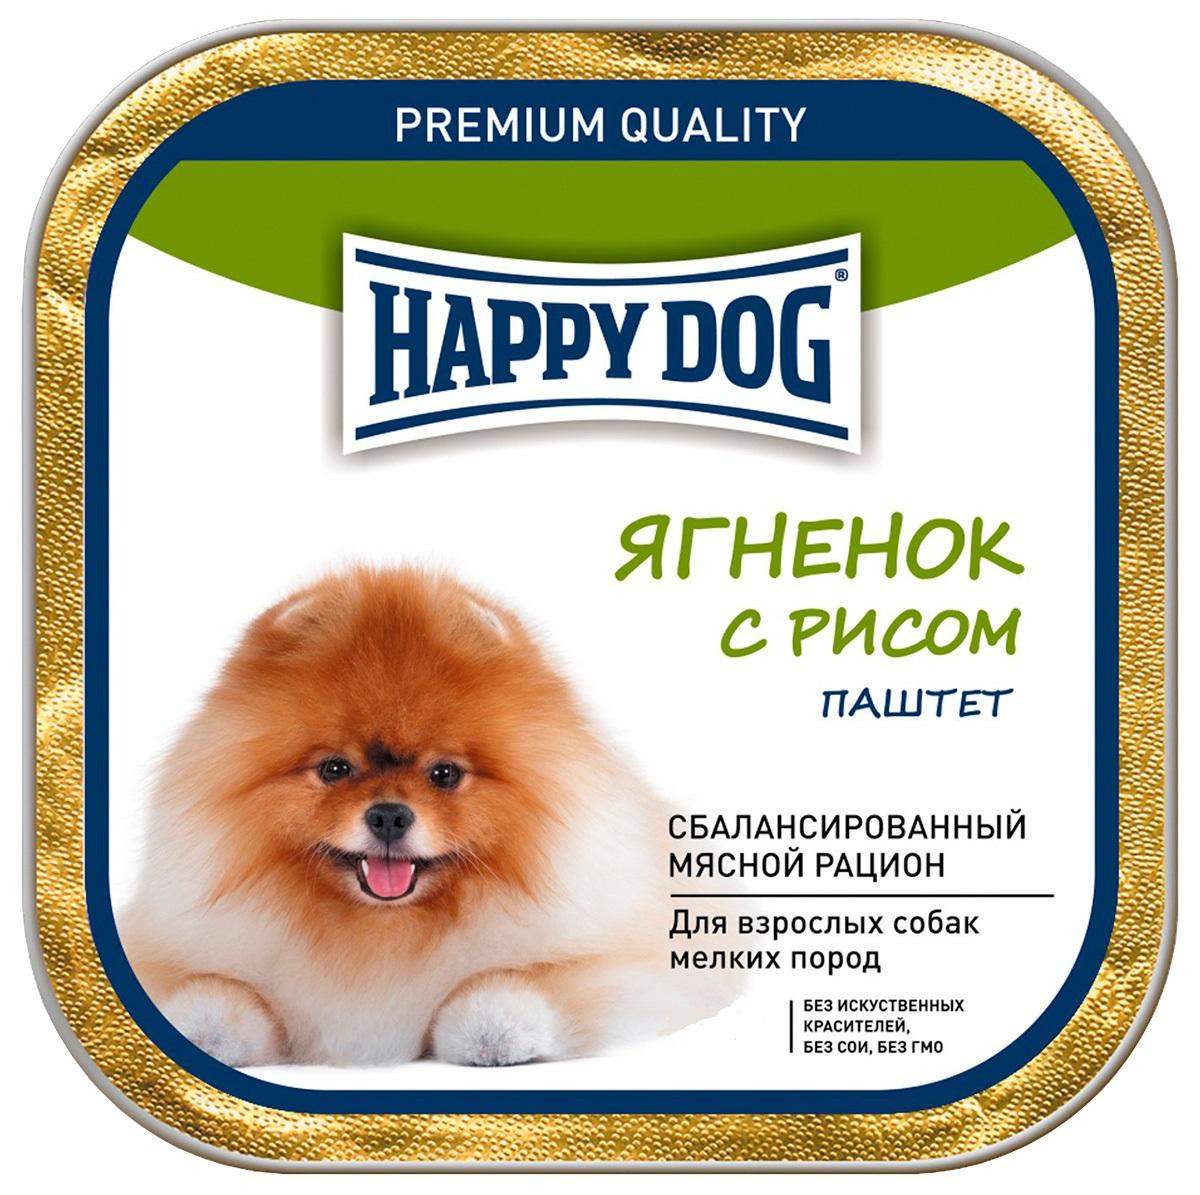 Фотография Консервы для собак Happy Dog NaturLine паштет, ягненок, рис, 125г №1